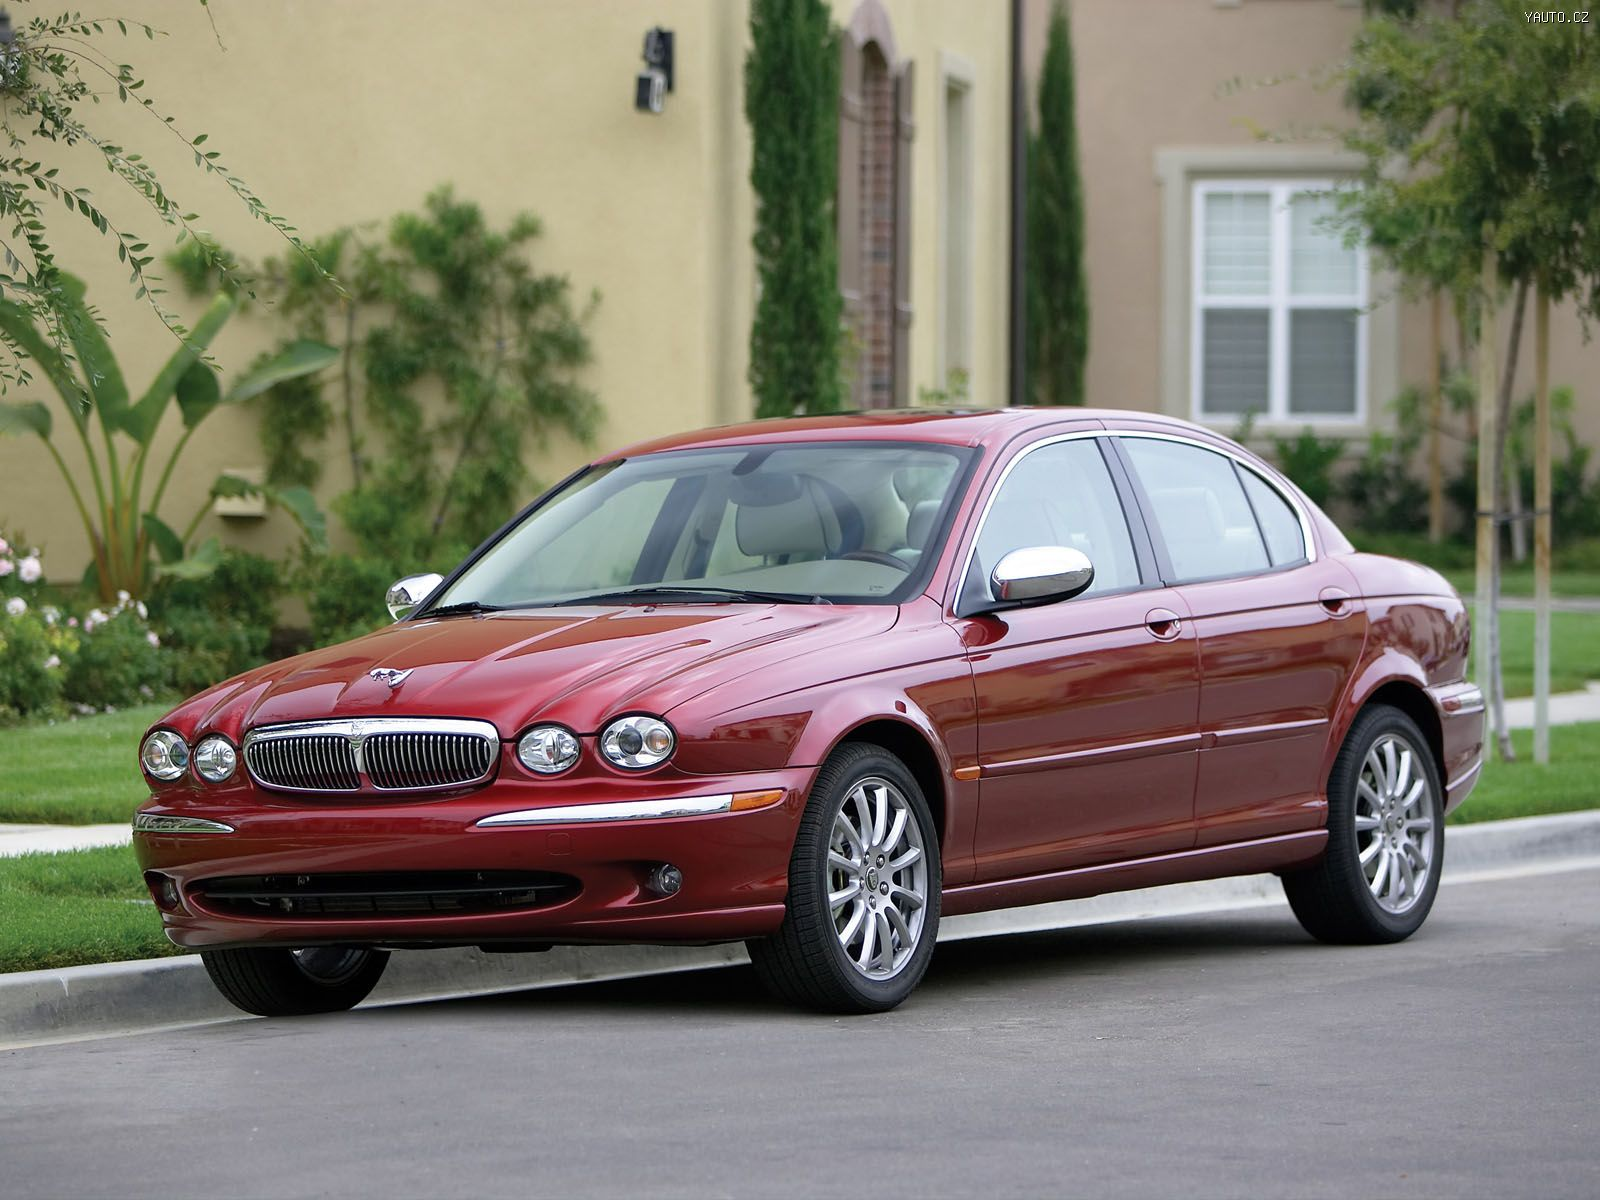 Jaguar X Type 2005 Auta Na Plochu Tapety Na Plochu